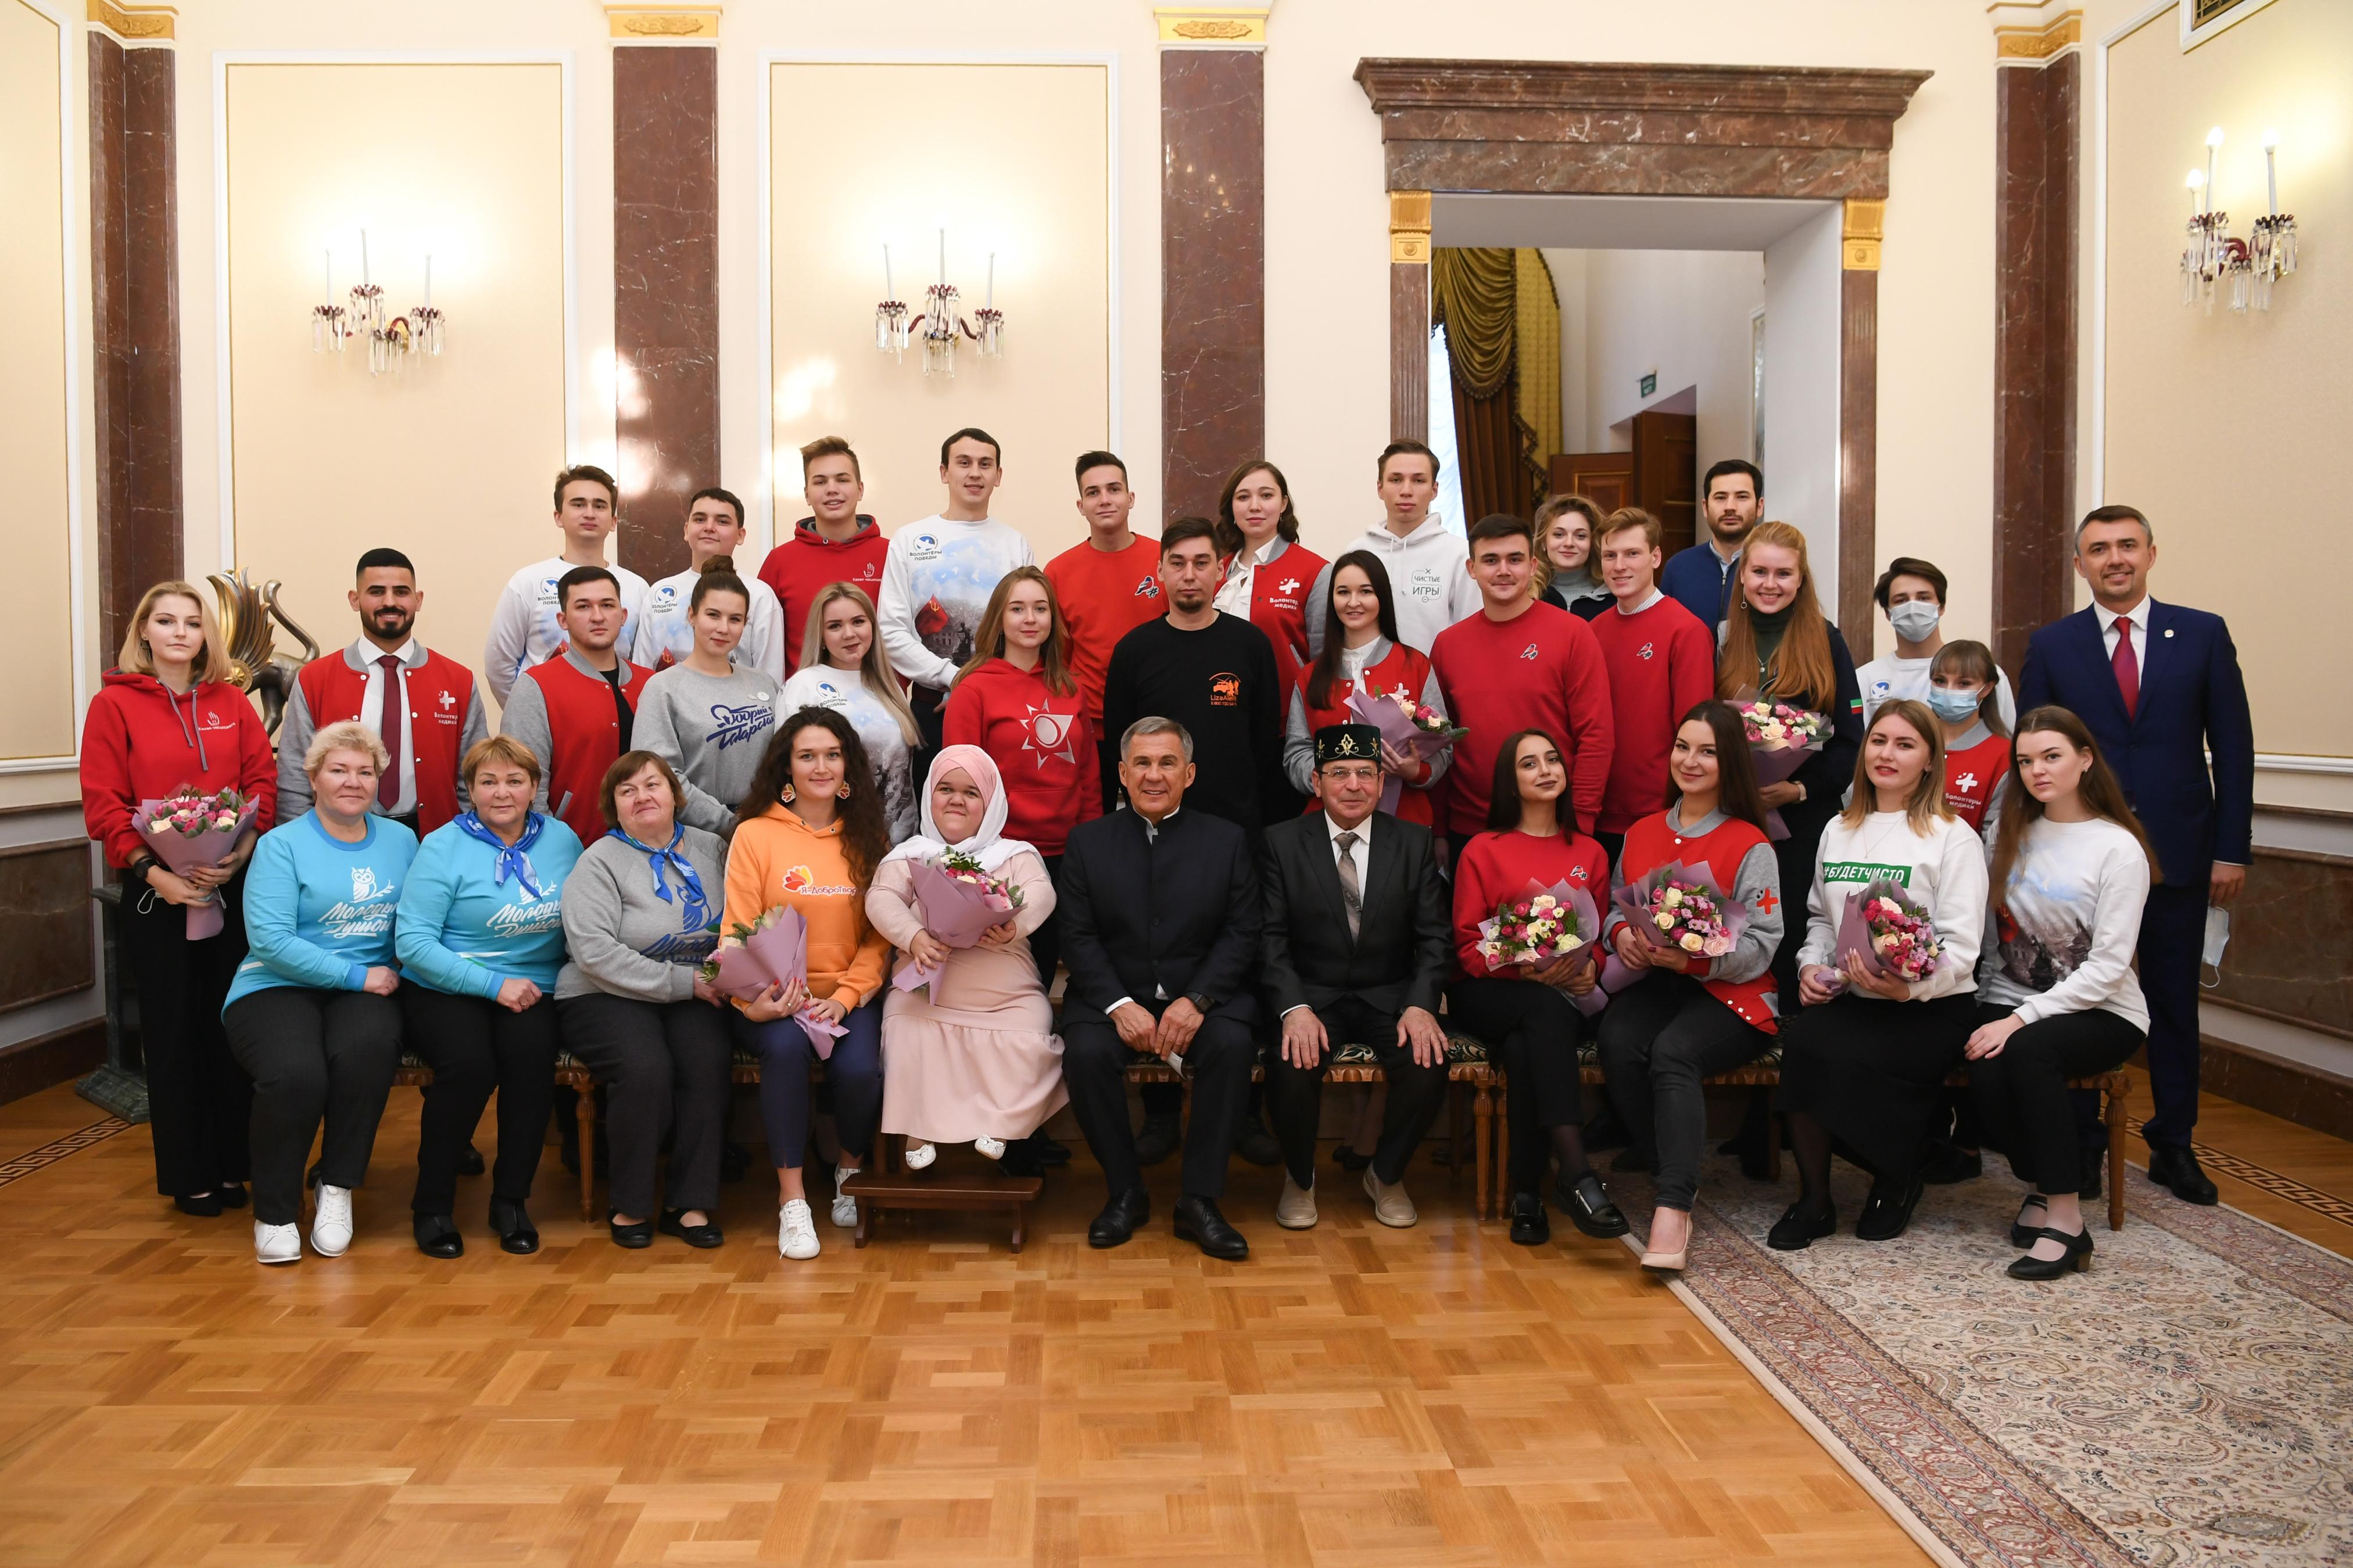 Дирекция спортивных и социальных проектов отмечена благодарностью президента РТ